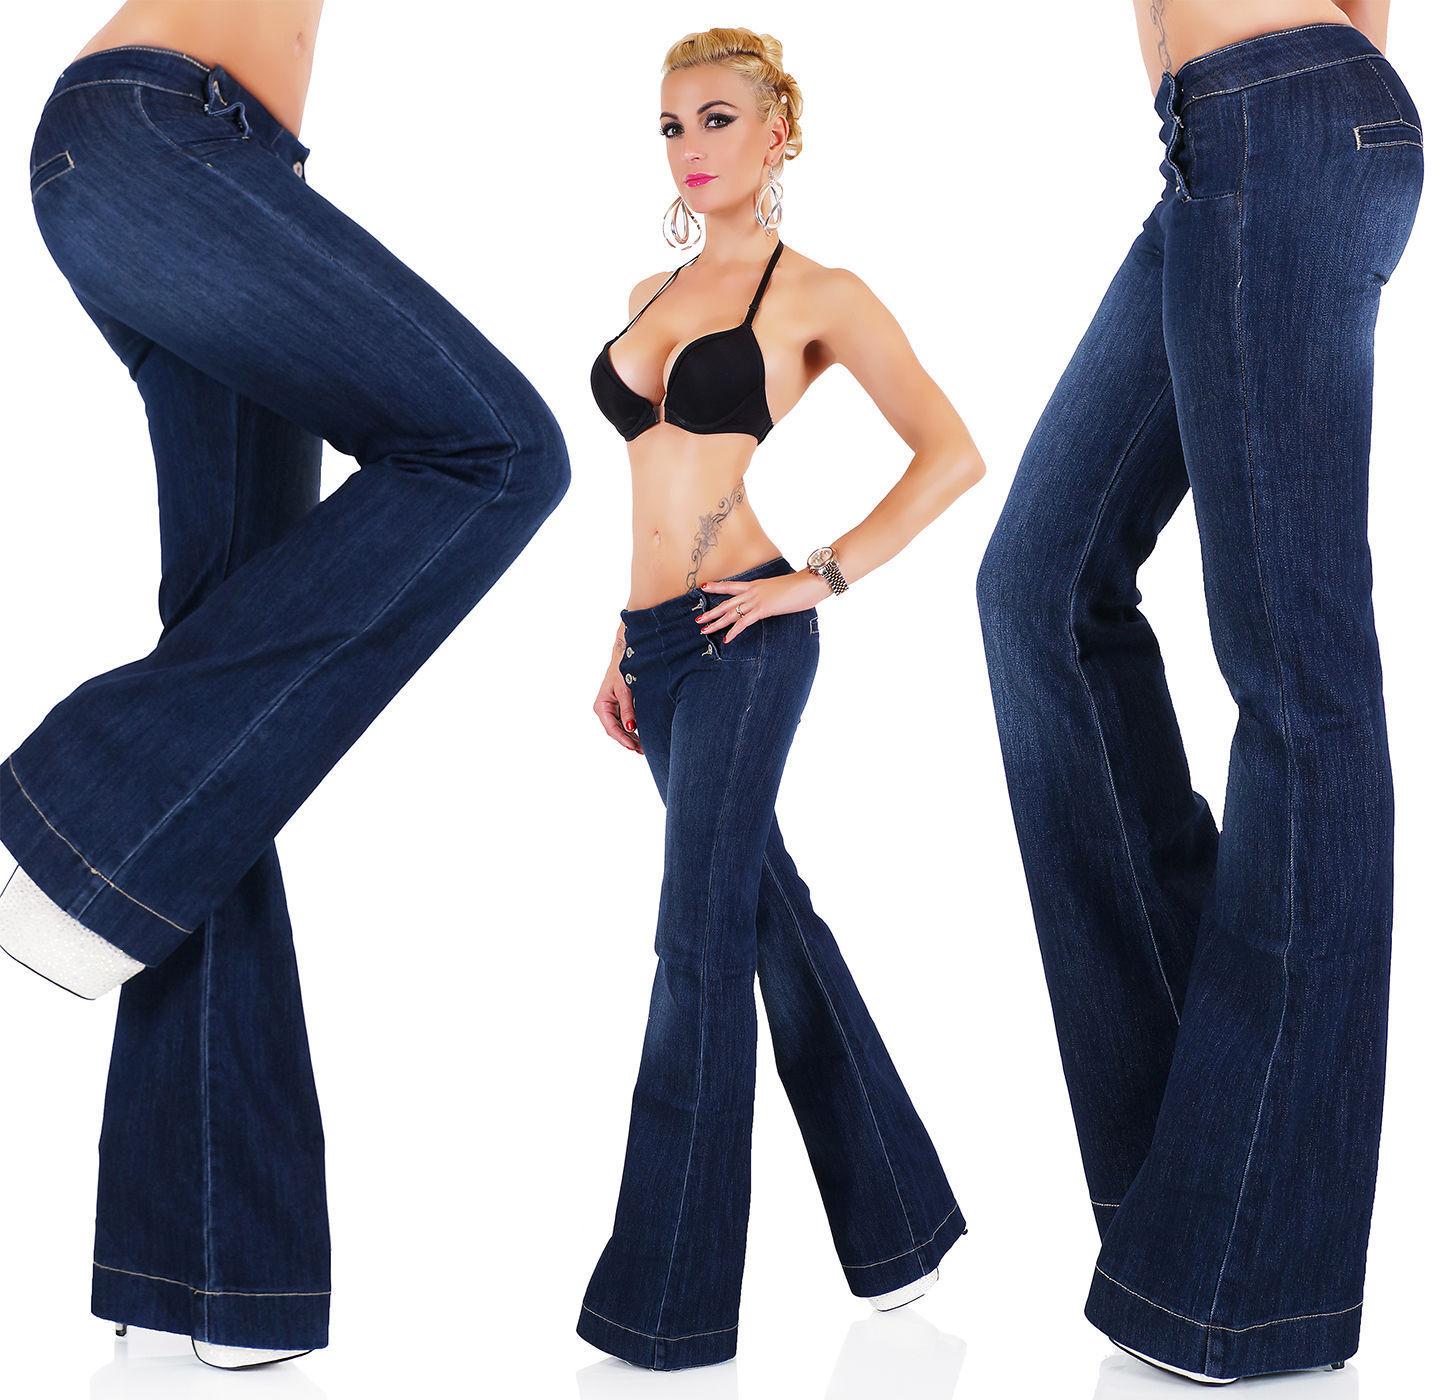 Donna Flare-Leg da Infilare Allungare i Jeans Denim - S   M L XL XXL